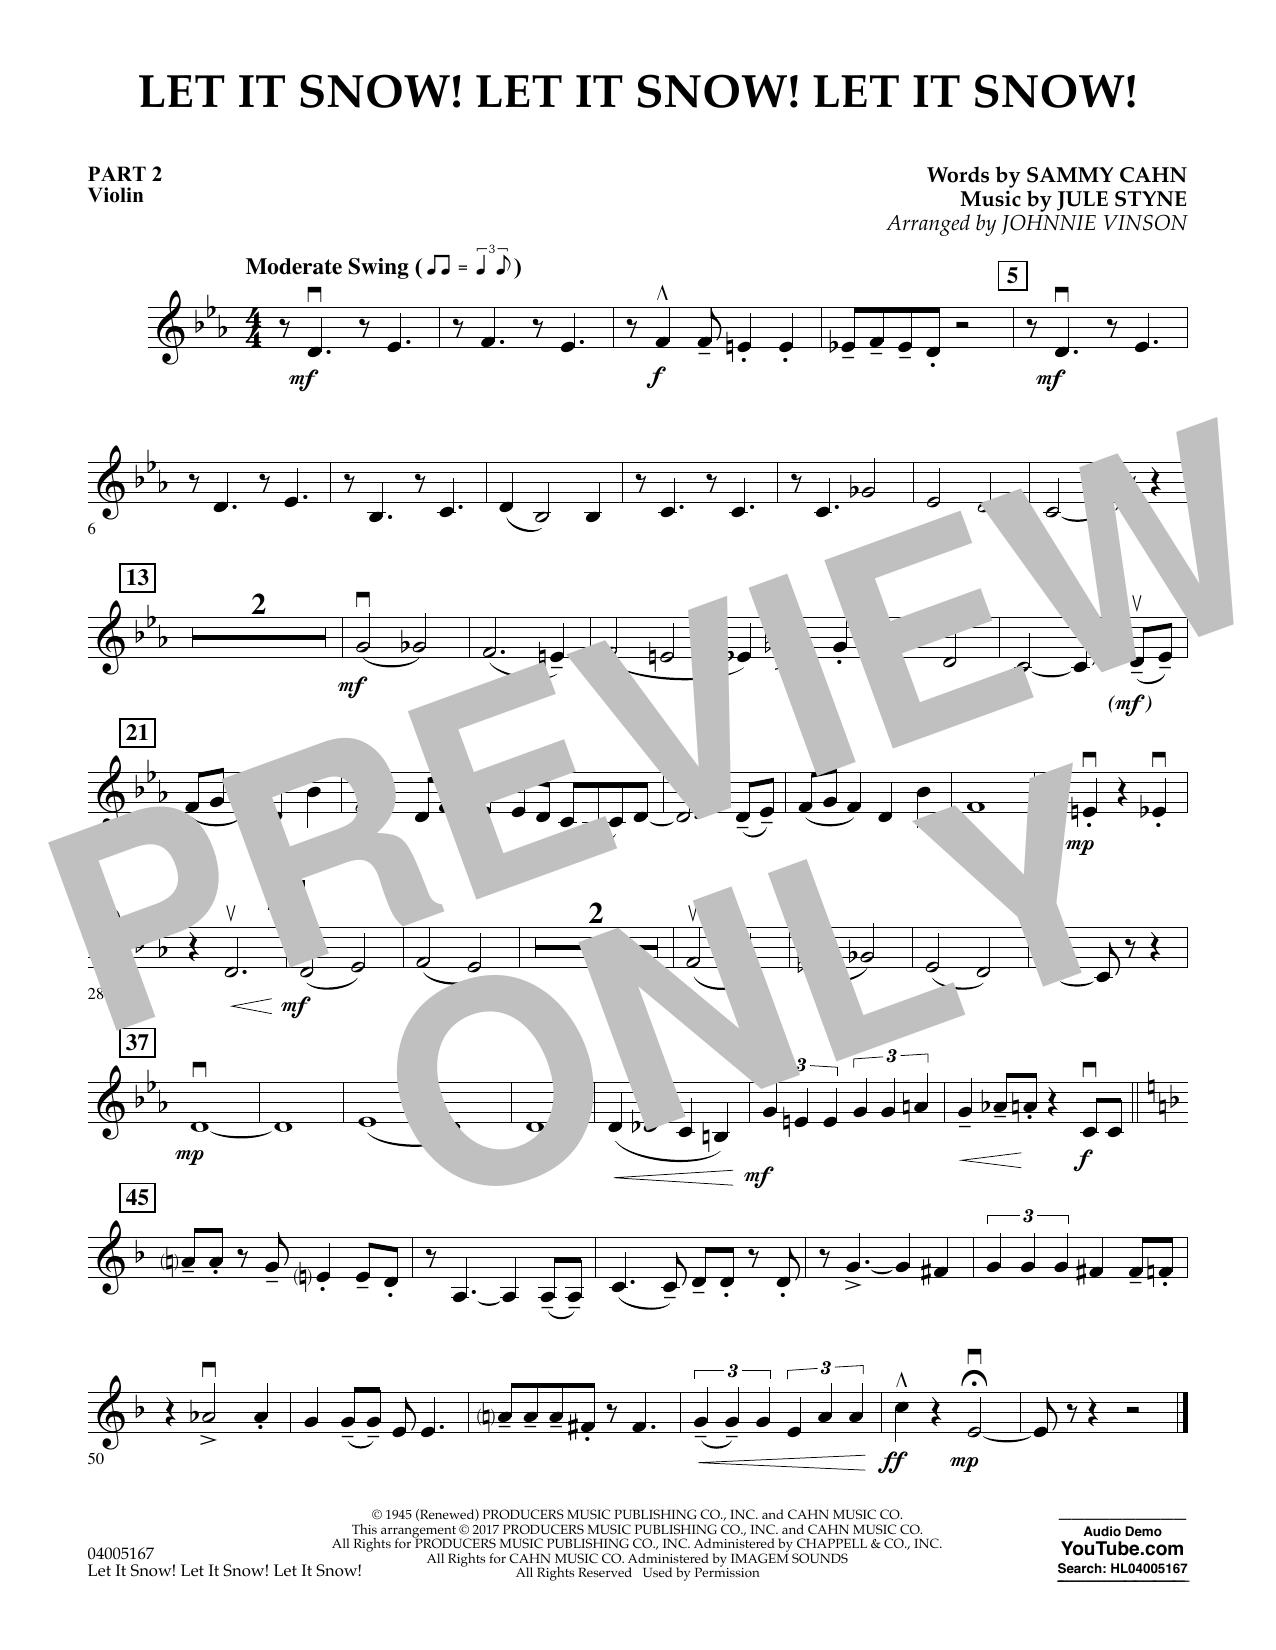 Let It Snow! Let It Snow! Let It Snow! - Pt.2 - Violin (Concert Band)